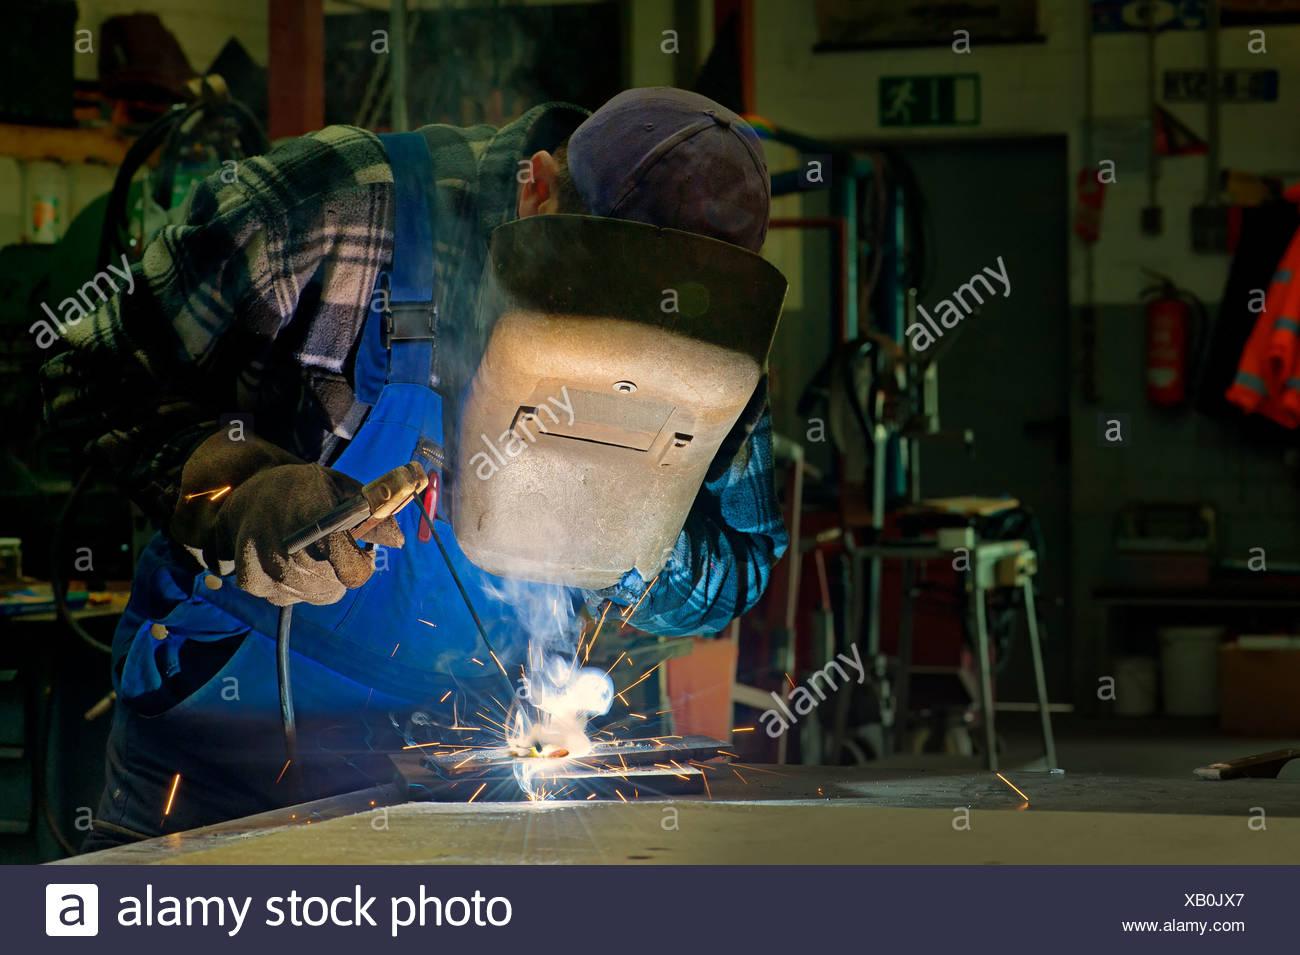 Welder doing electric welding in his workshop - Stock Image